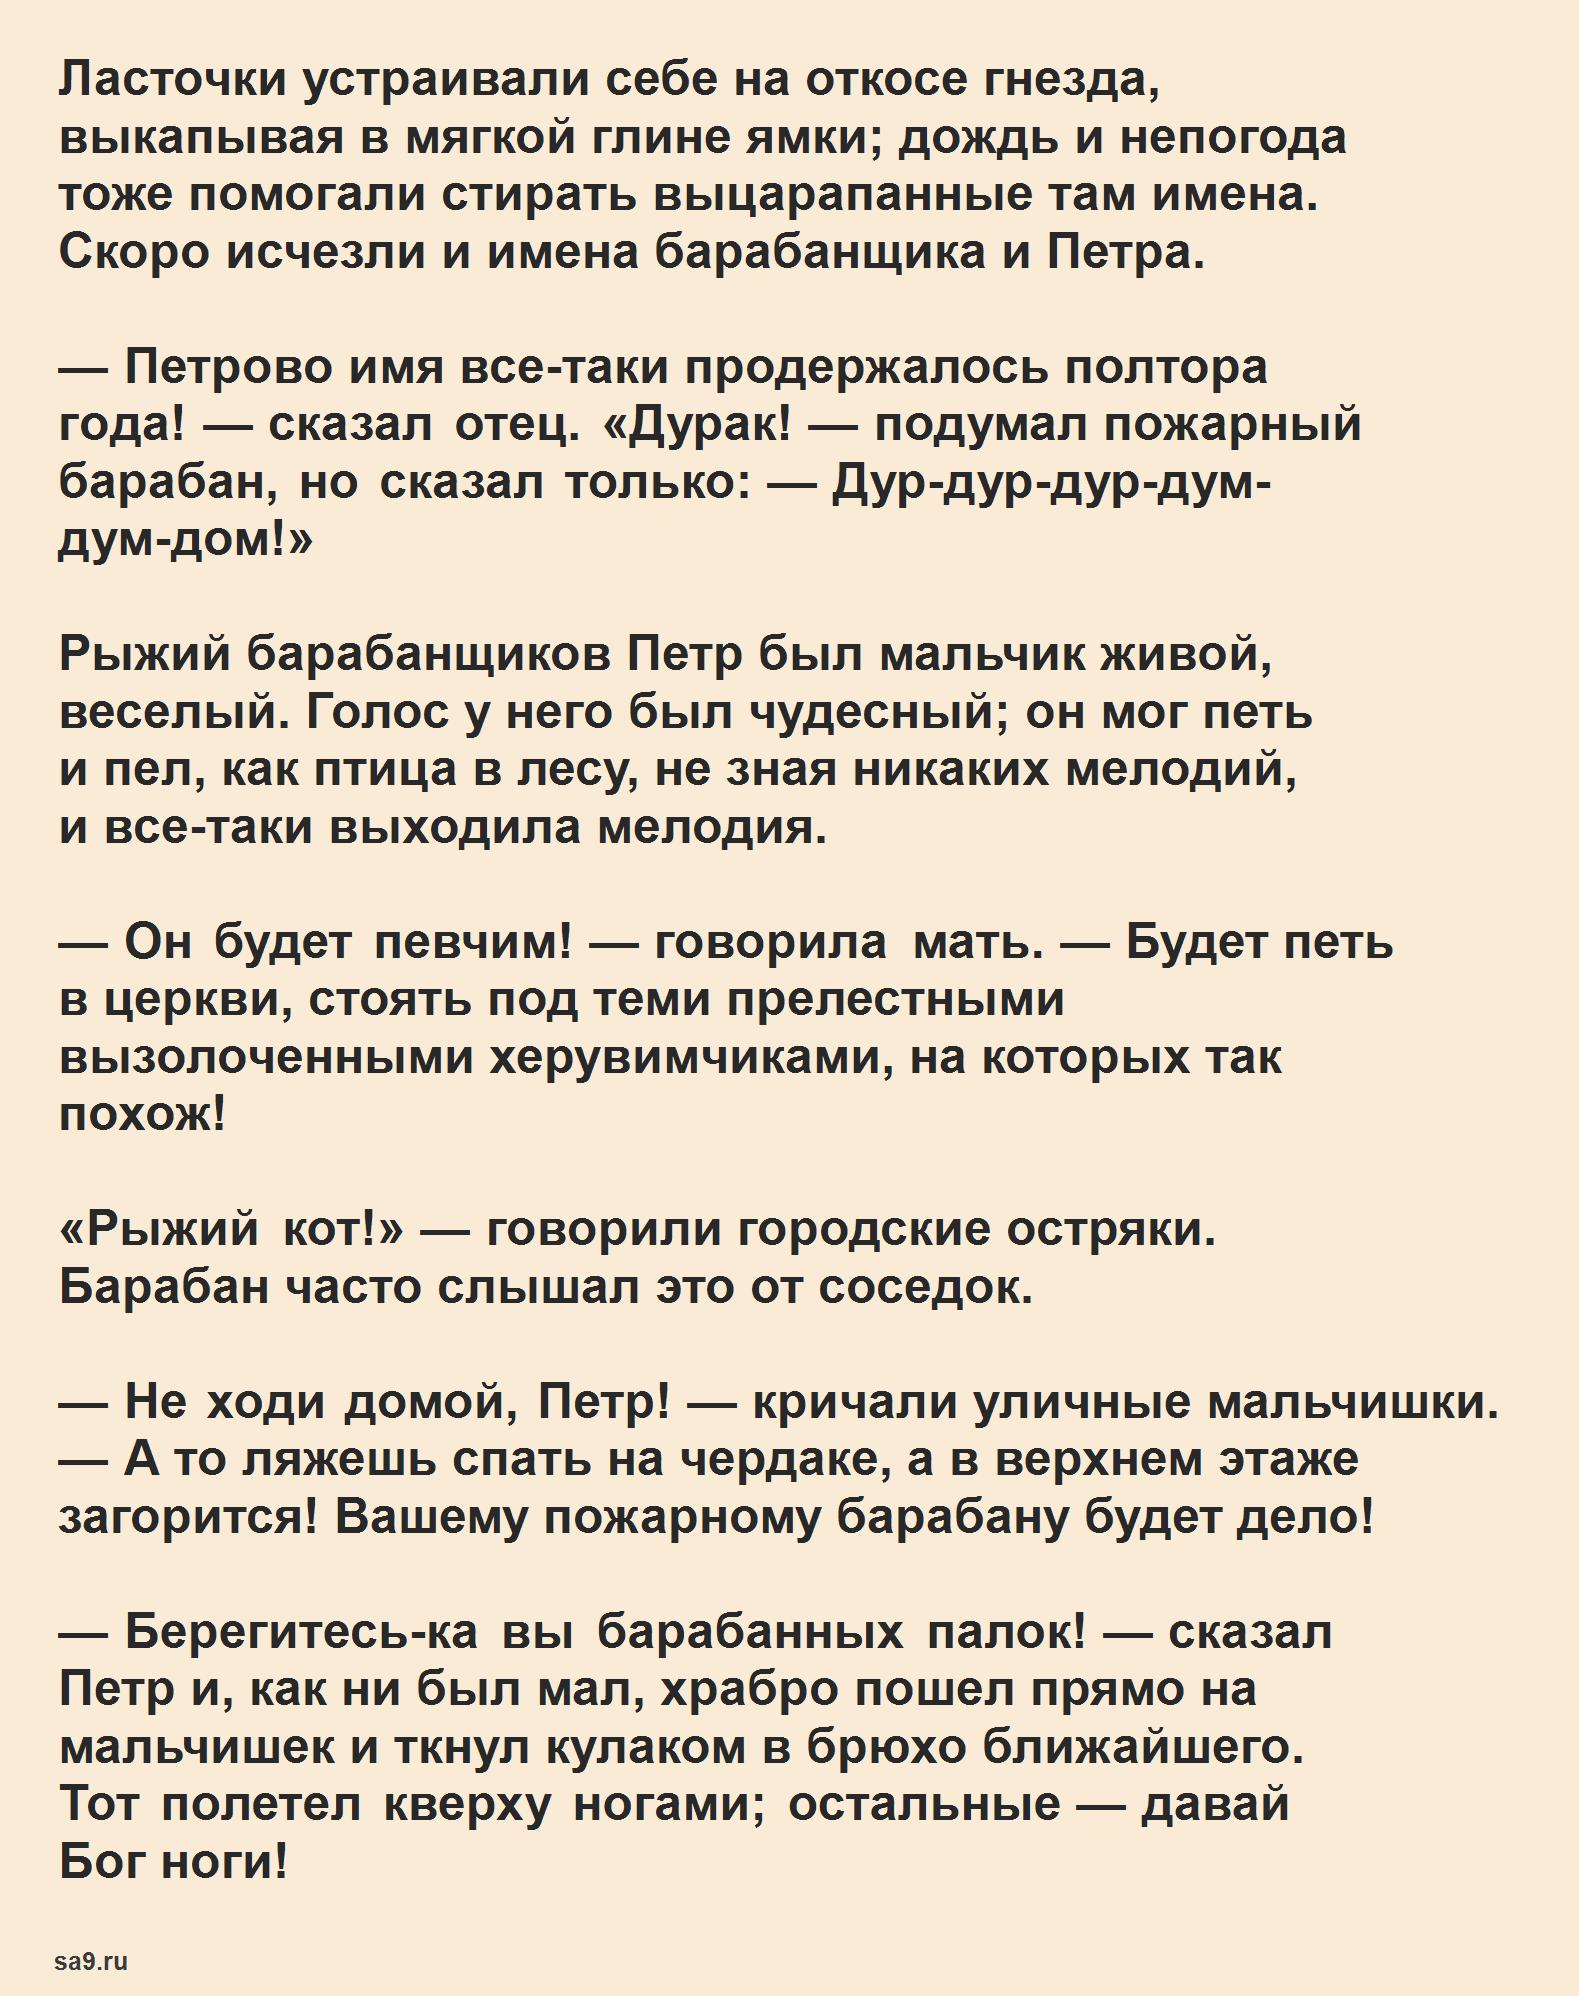 Читать интересную сказку - Золотой мальчик, Андерсен